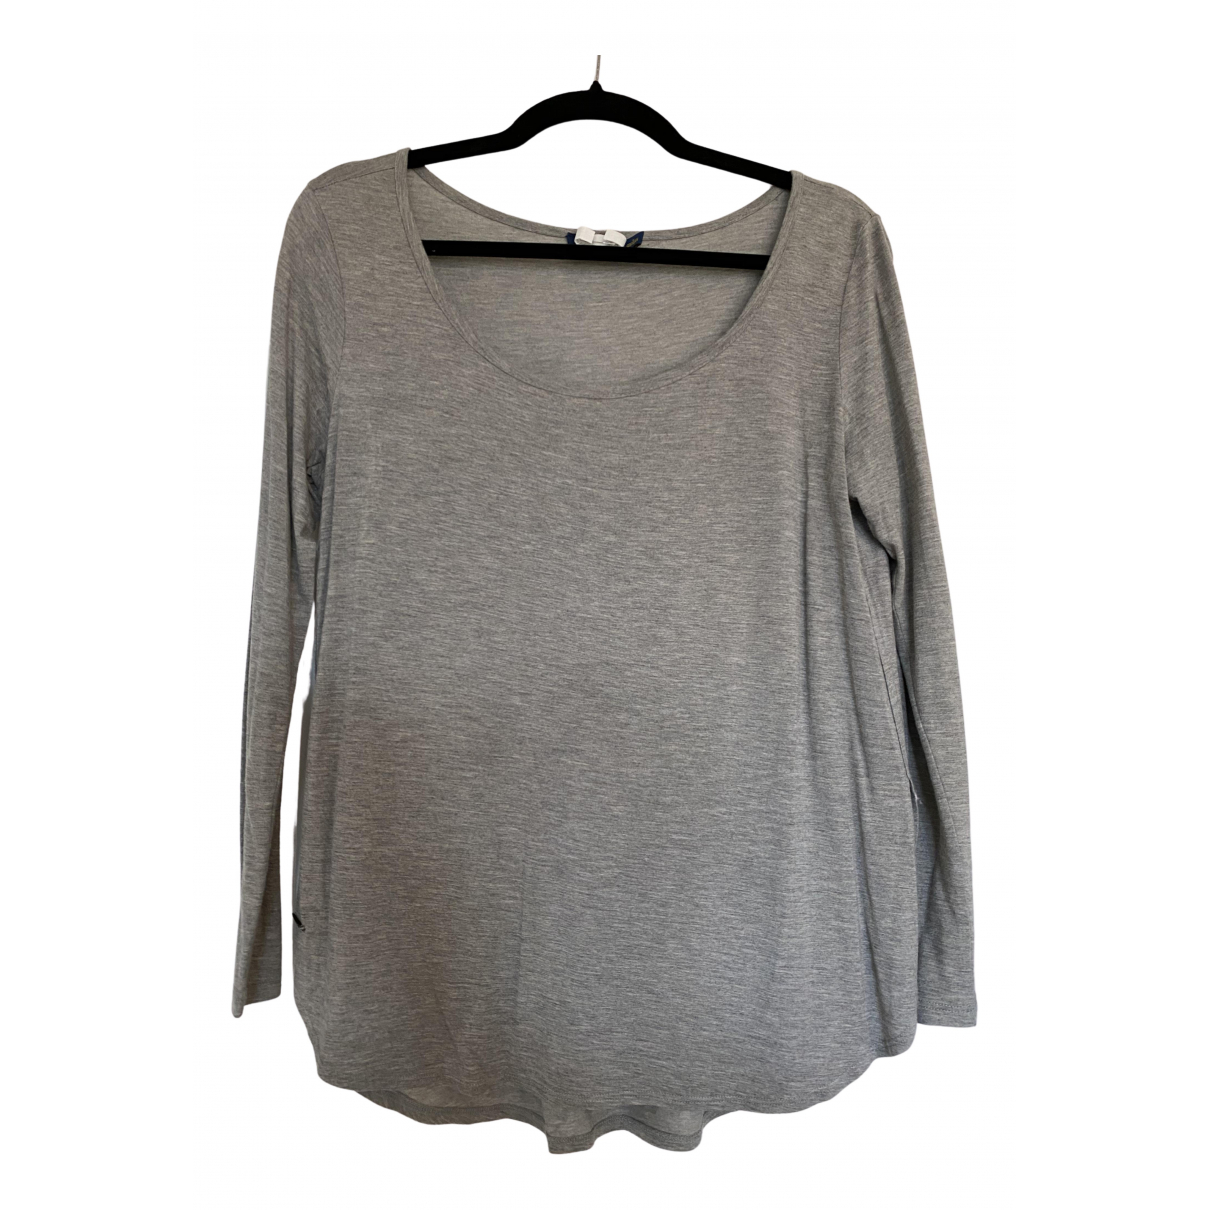 Polo Ralph Lauren - Top   pour femme - gris